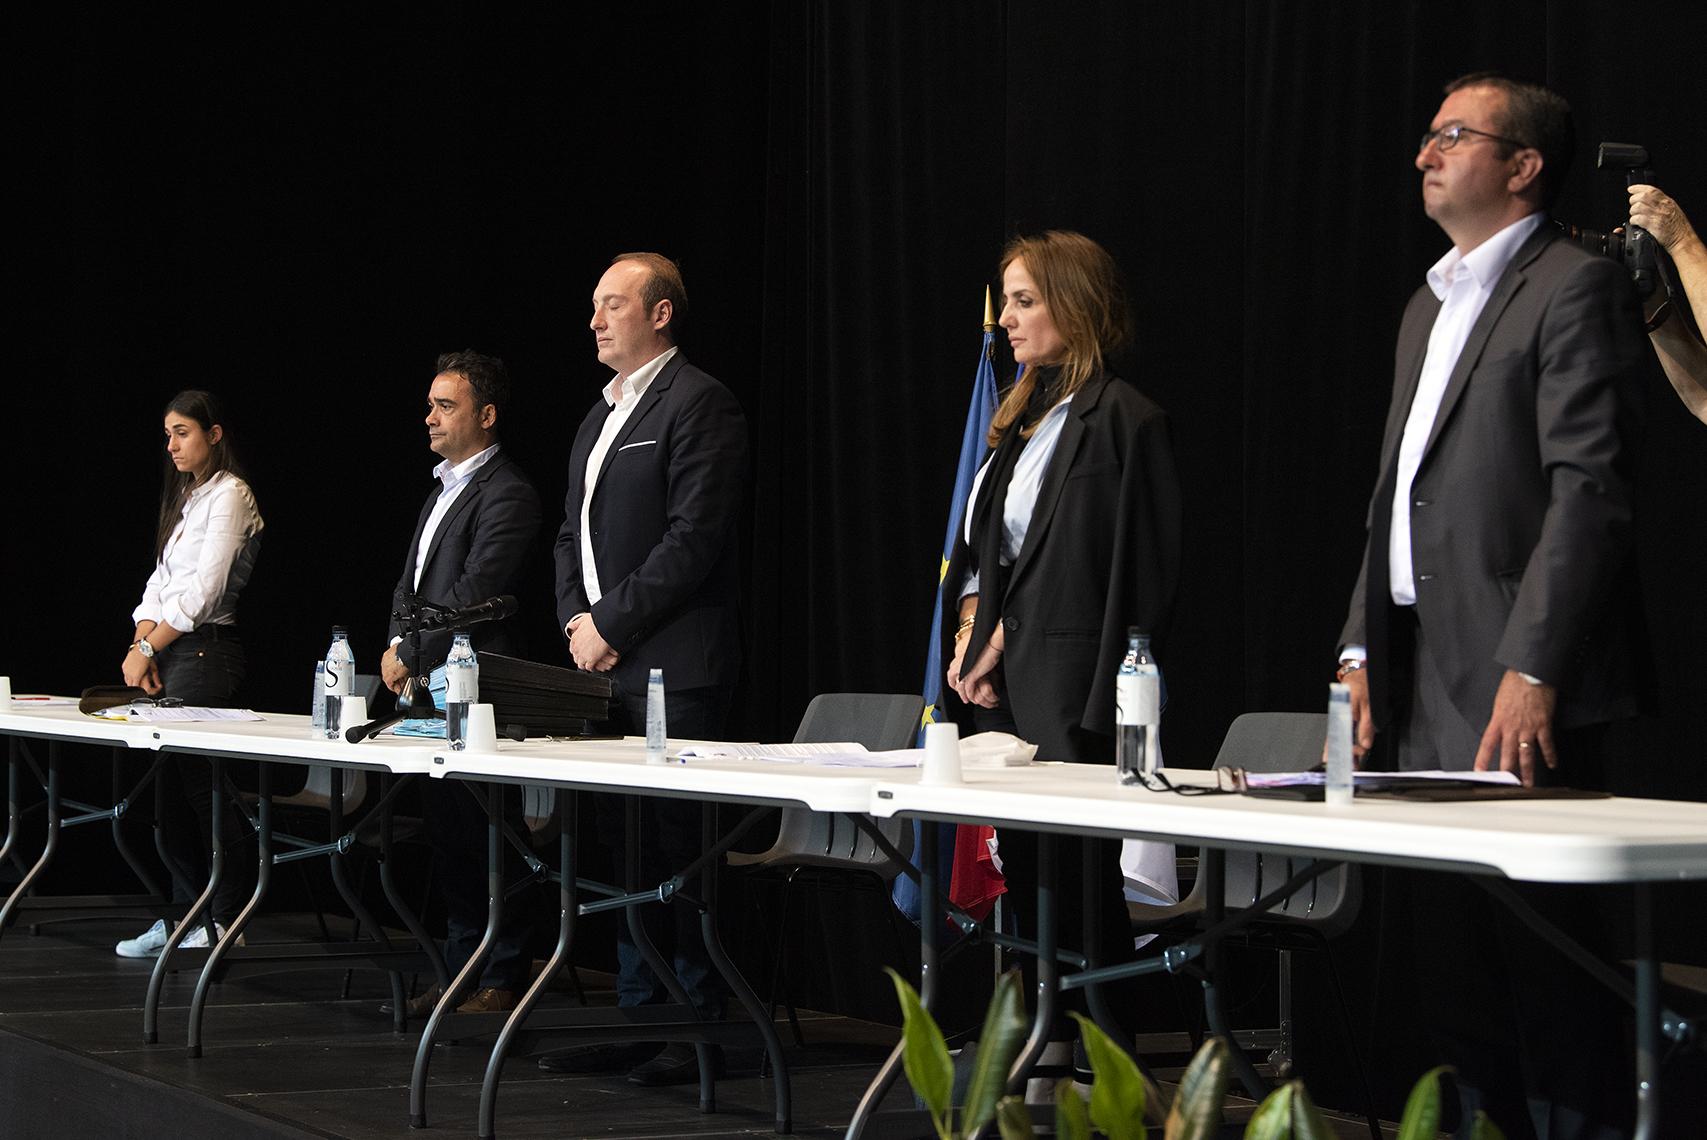 L'assemblée a observé une minute de silence avant d'entamer la délibération des rapports (Photos Ville d'Ajaccio)